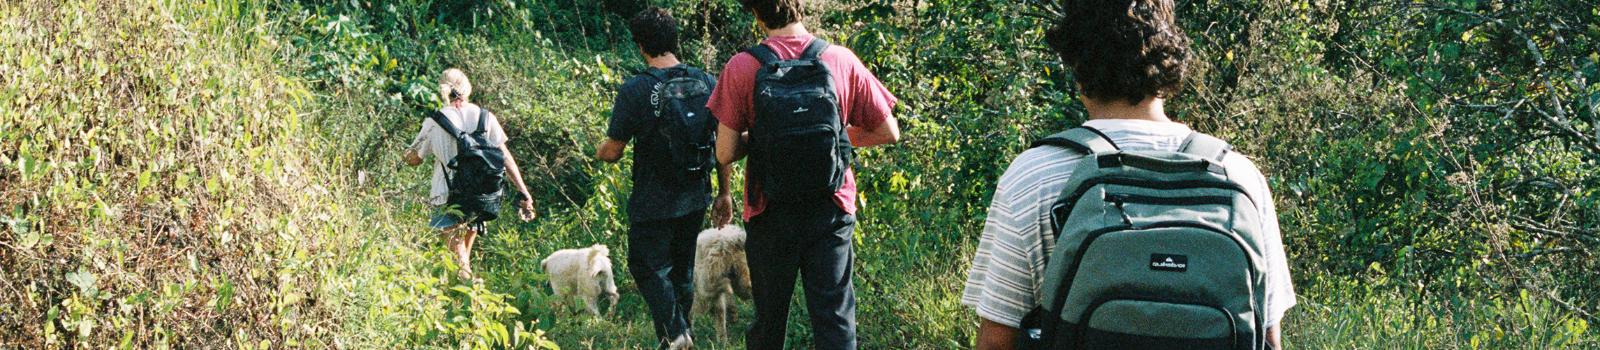 Quiksilver Bags & Backpacks